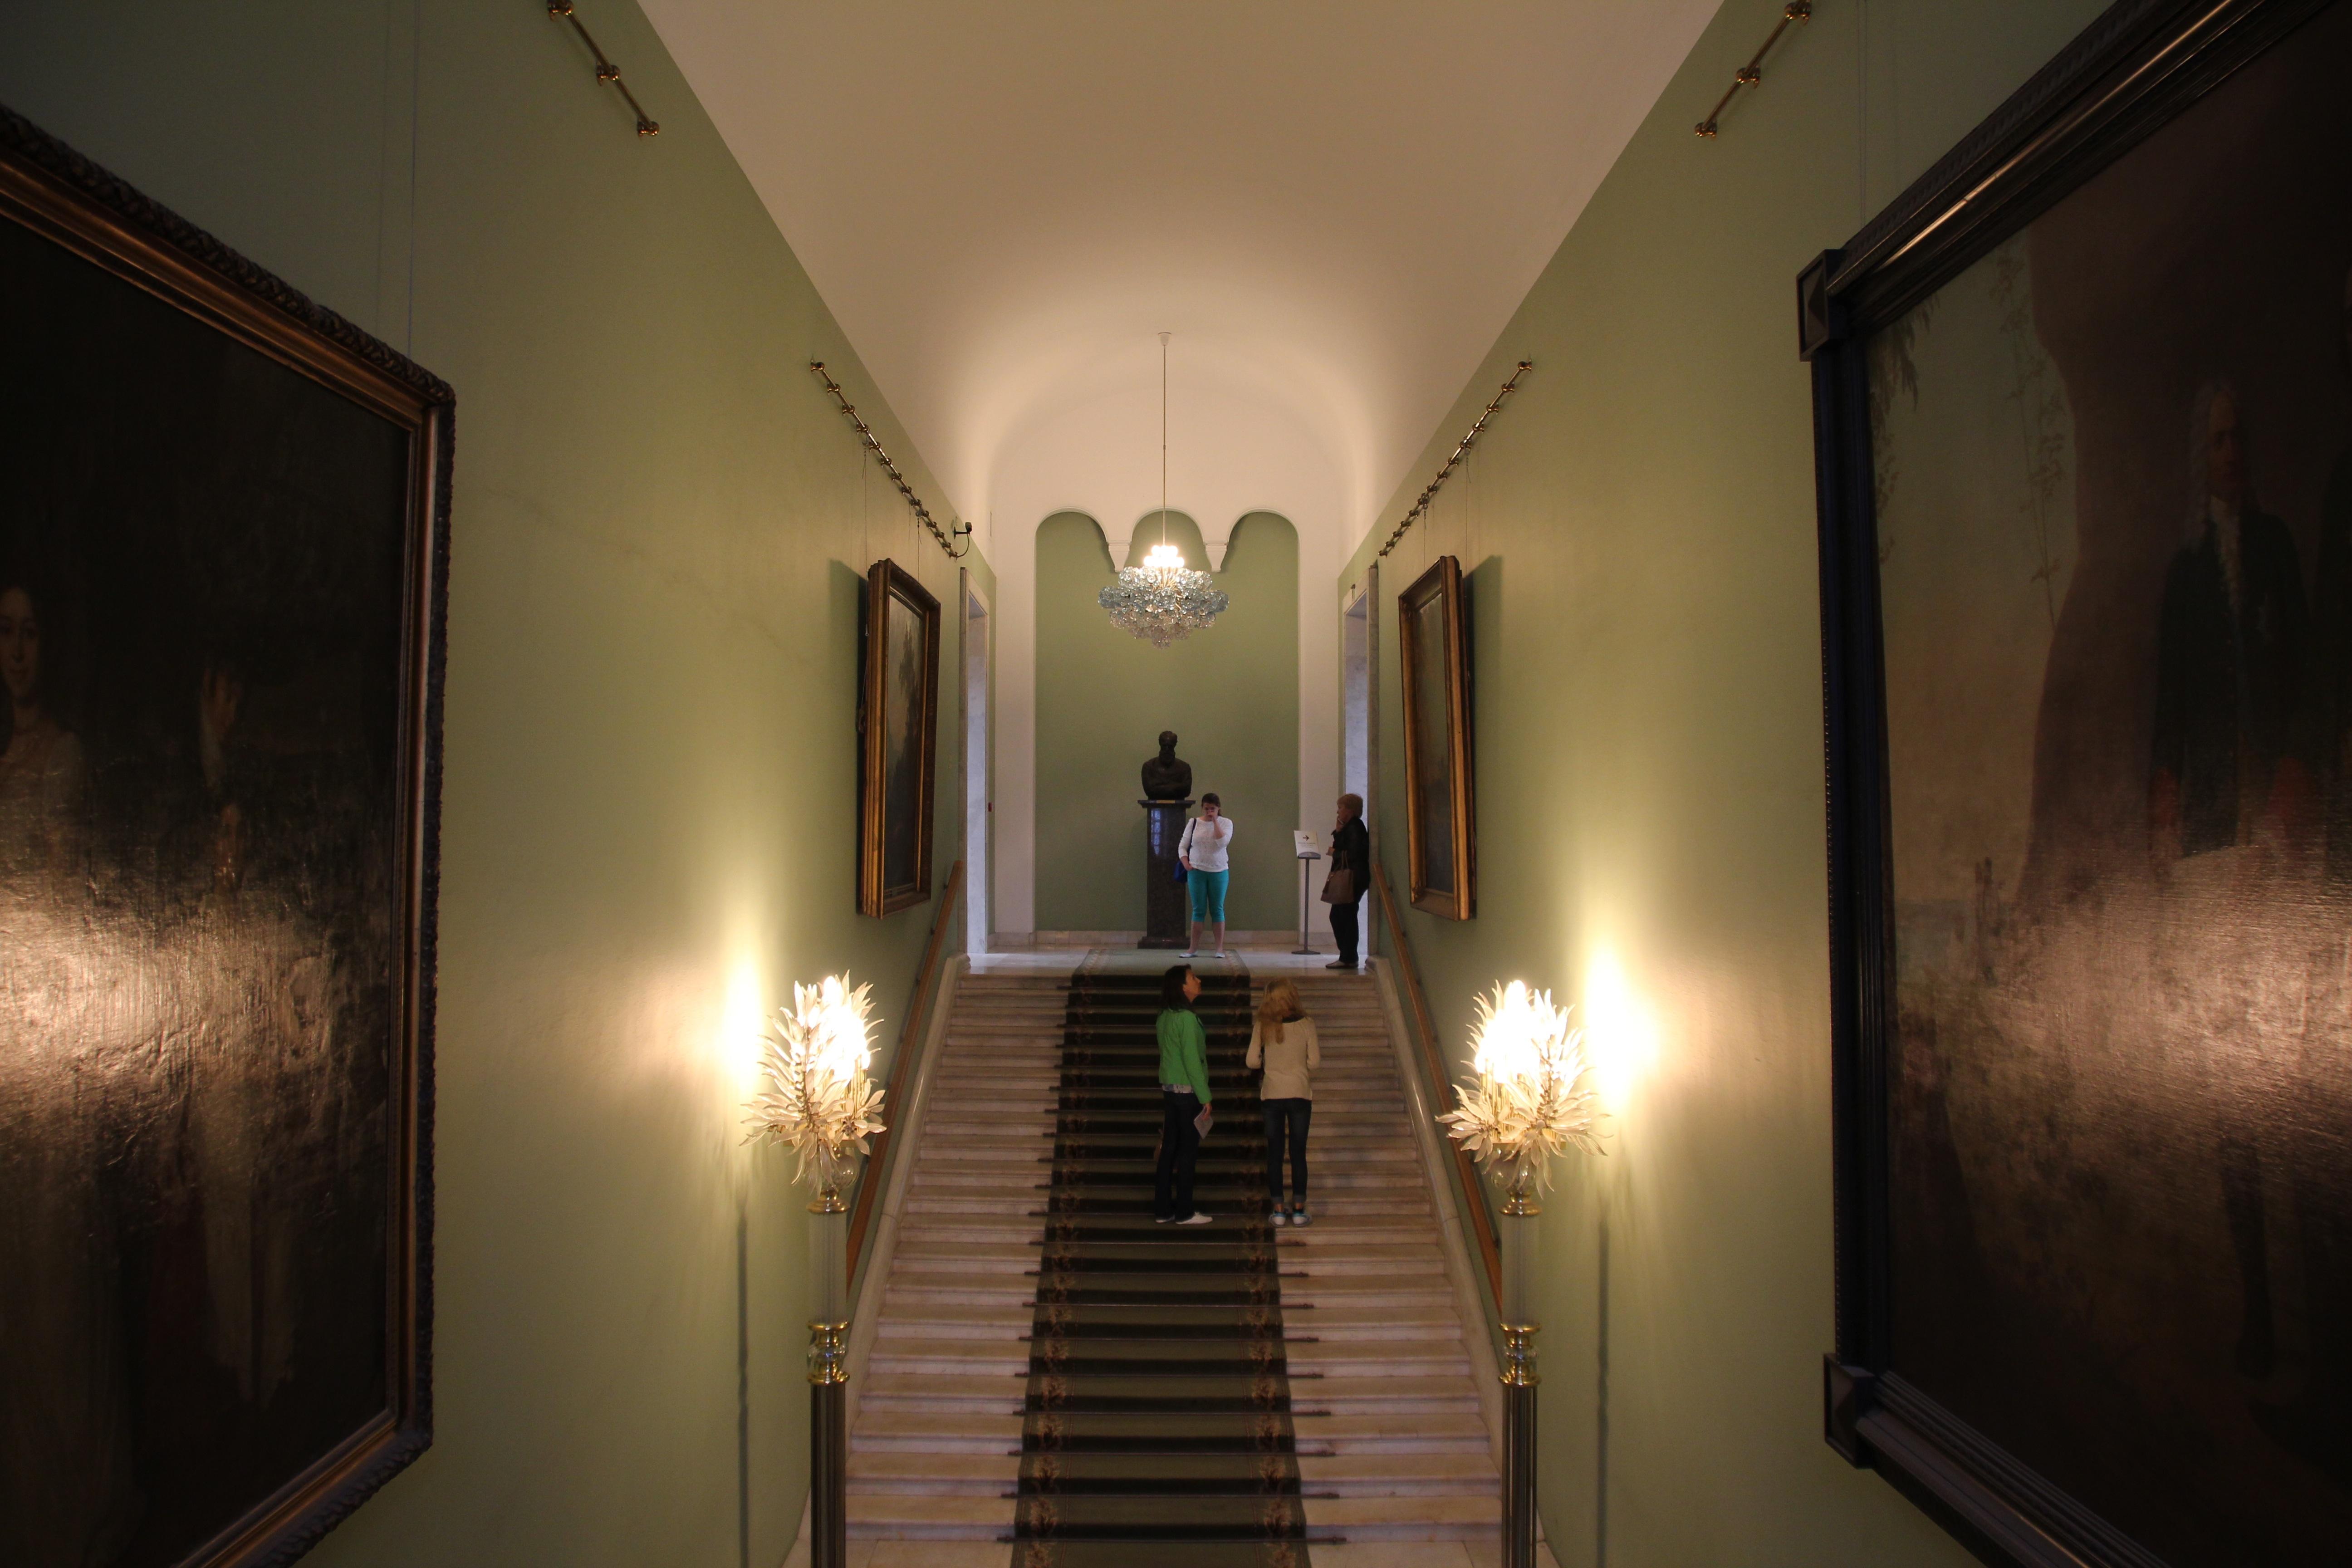 Iluminacion led escaleras ideas de disenos for Iluminacion escaleras interiores